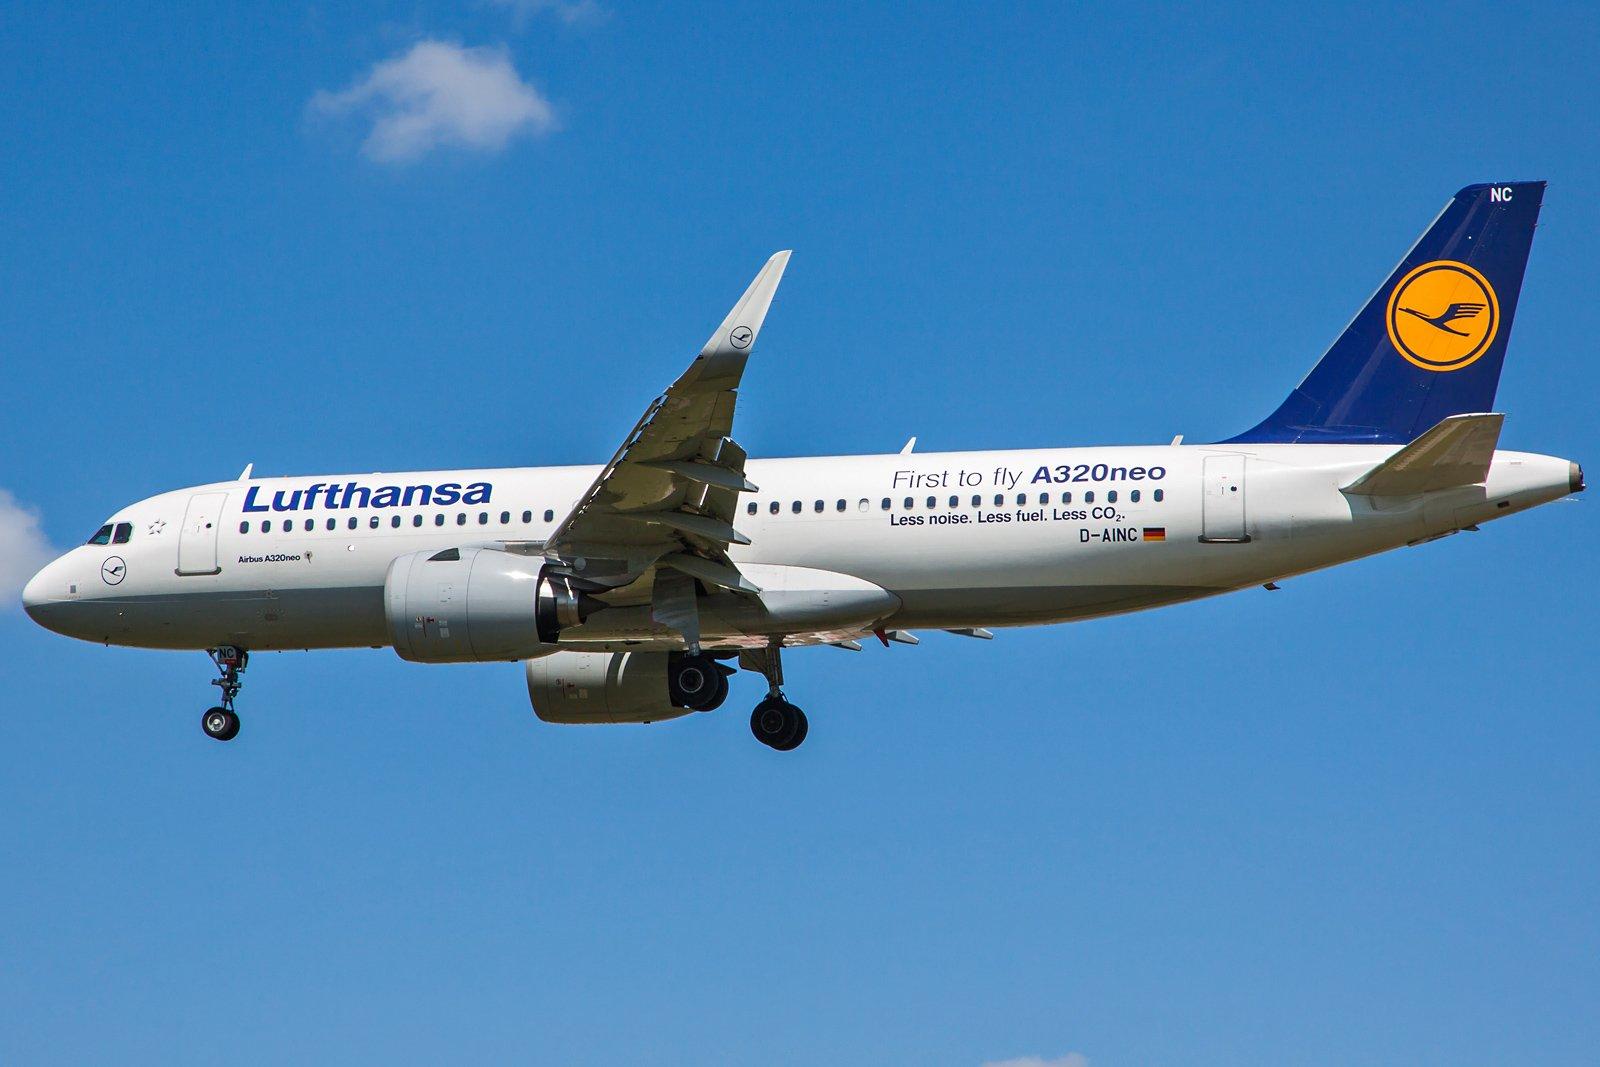 Lufthansa Airbus A320-271N D-AINC